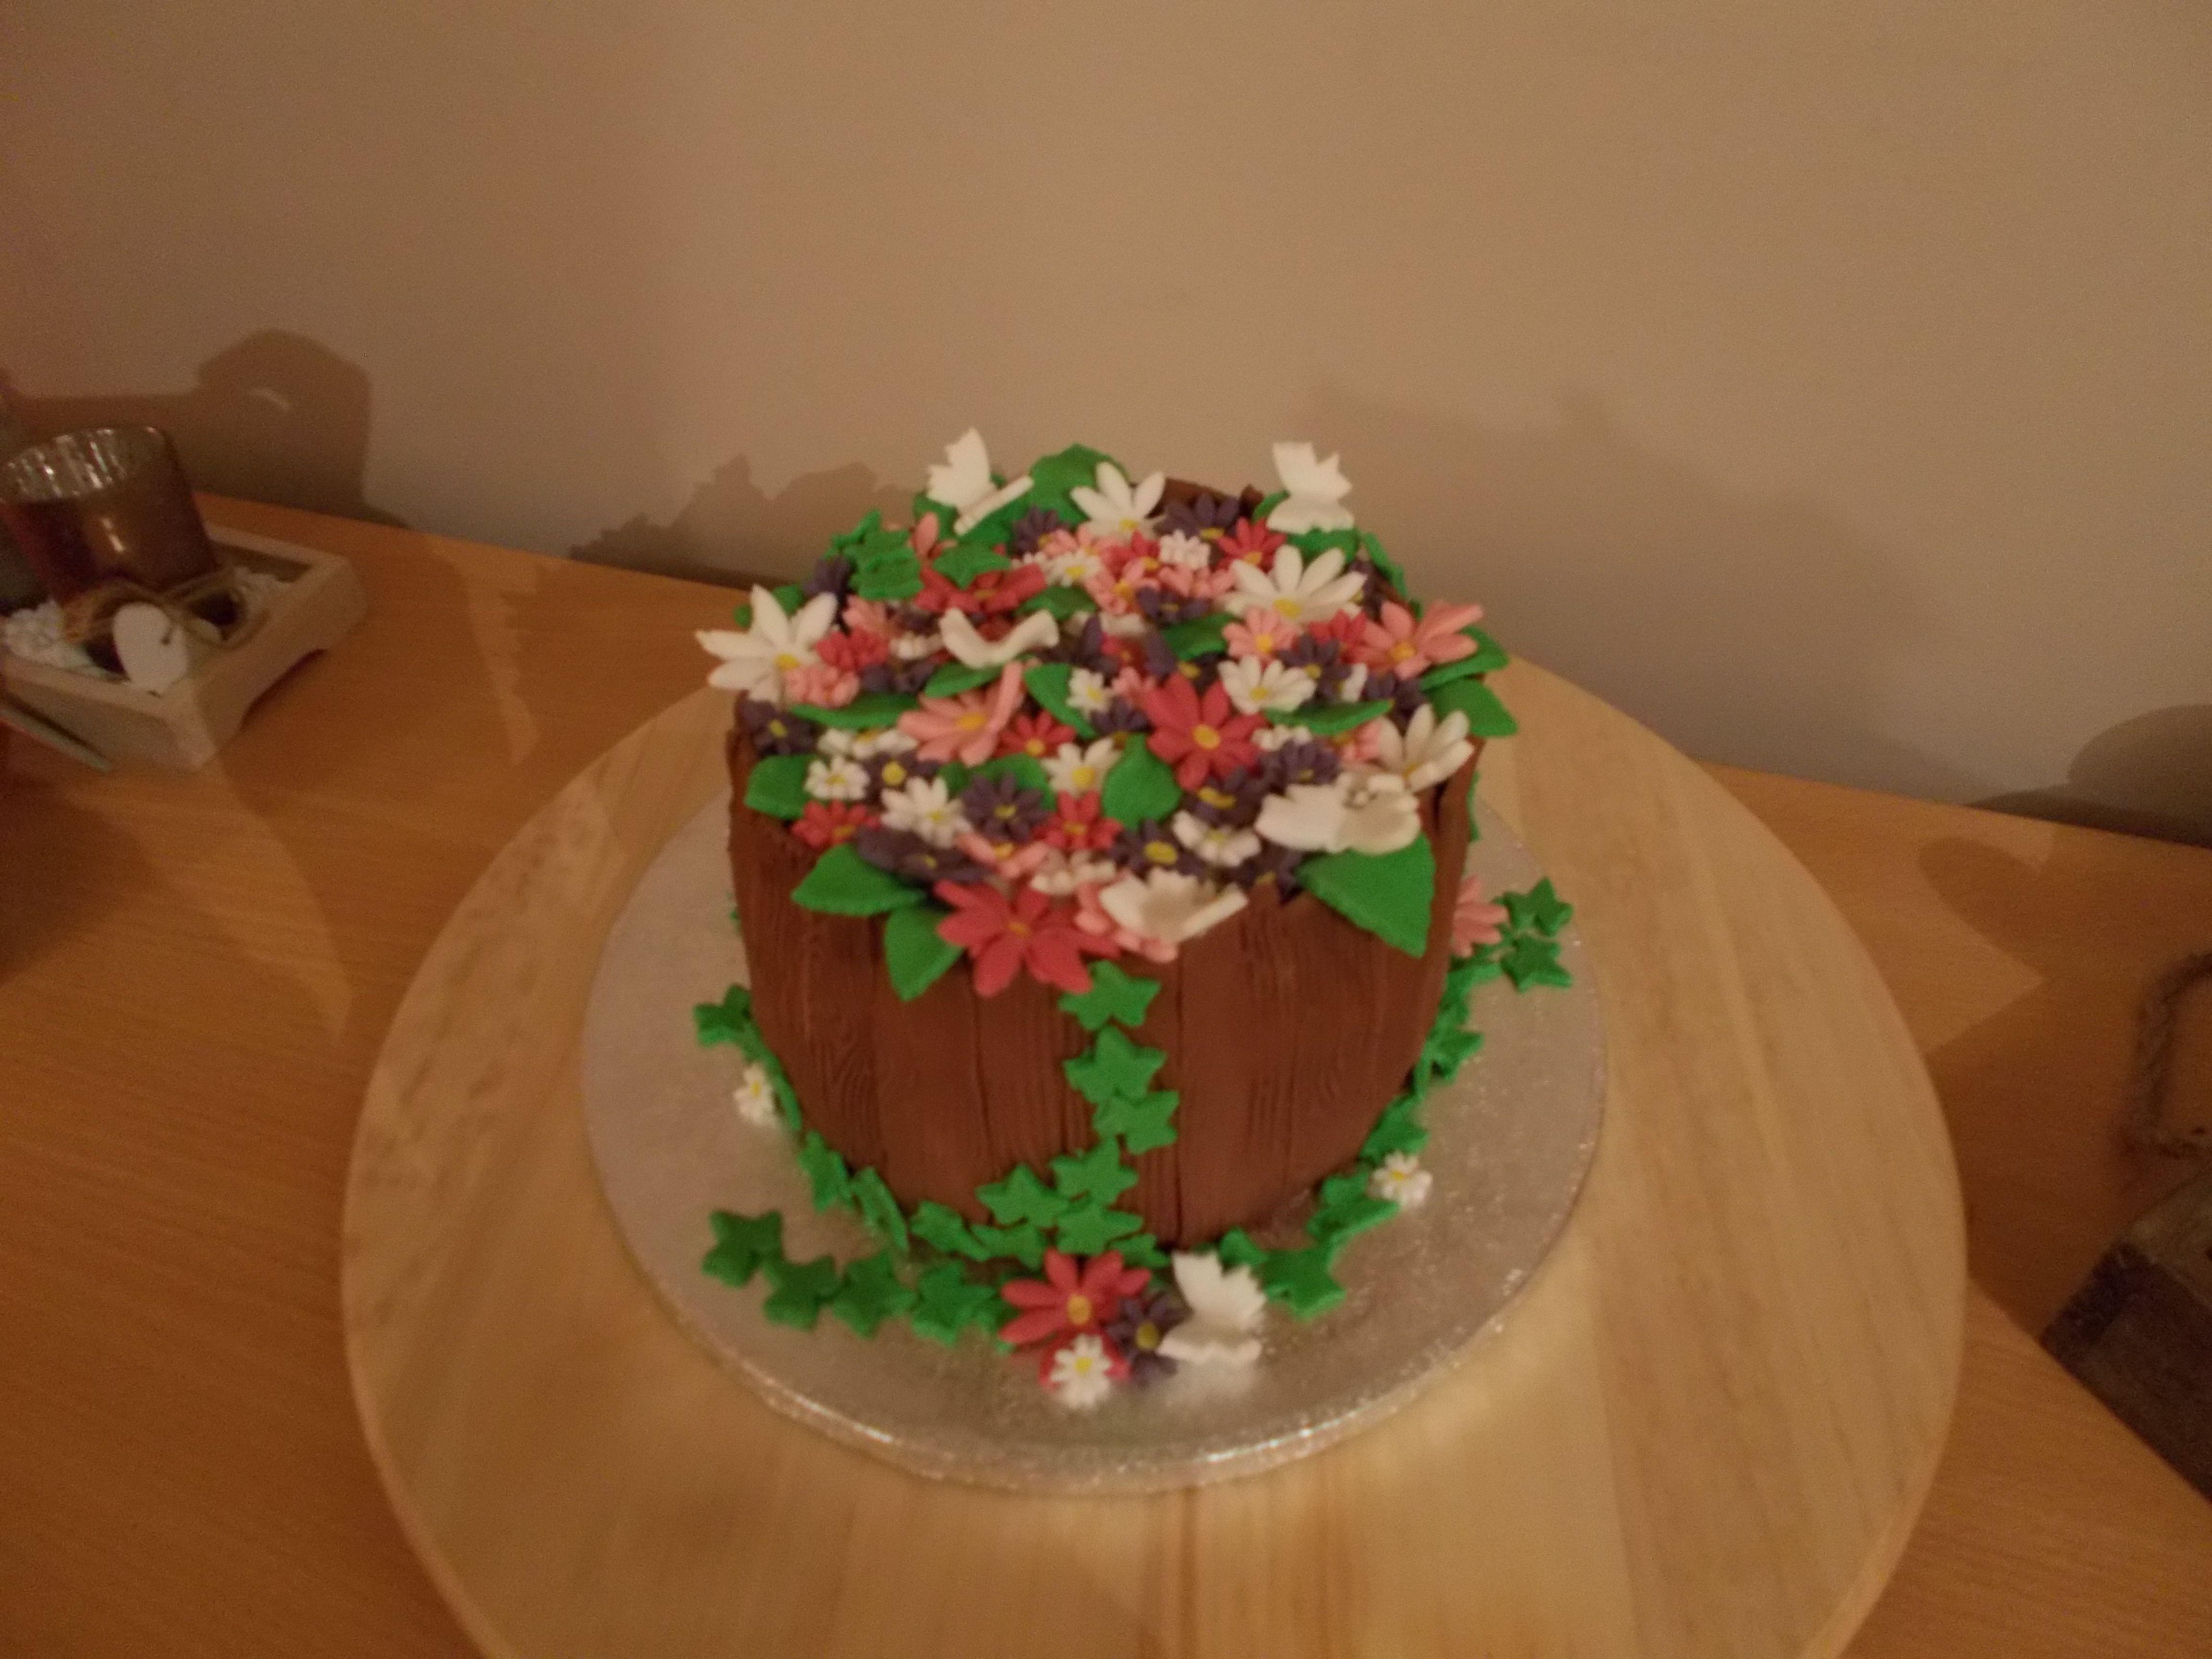 bloemenmandje gevuld met chocomouse , slagroom en rood fruit